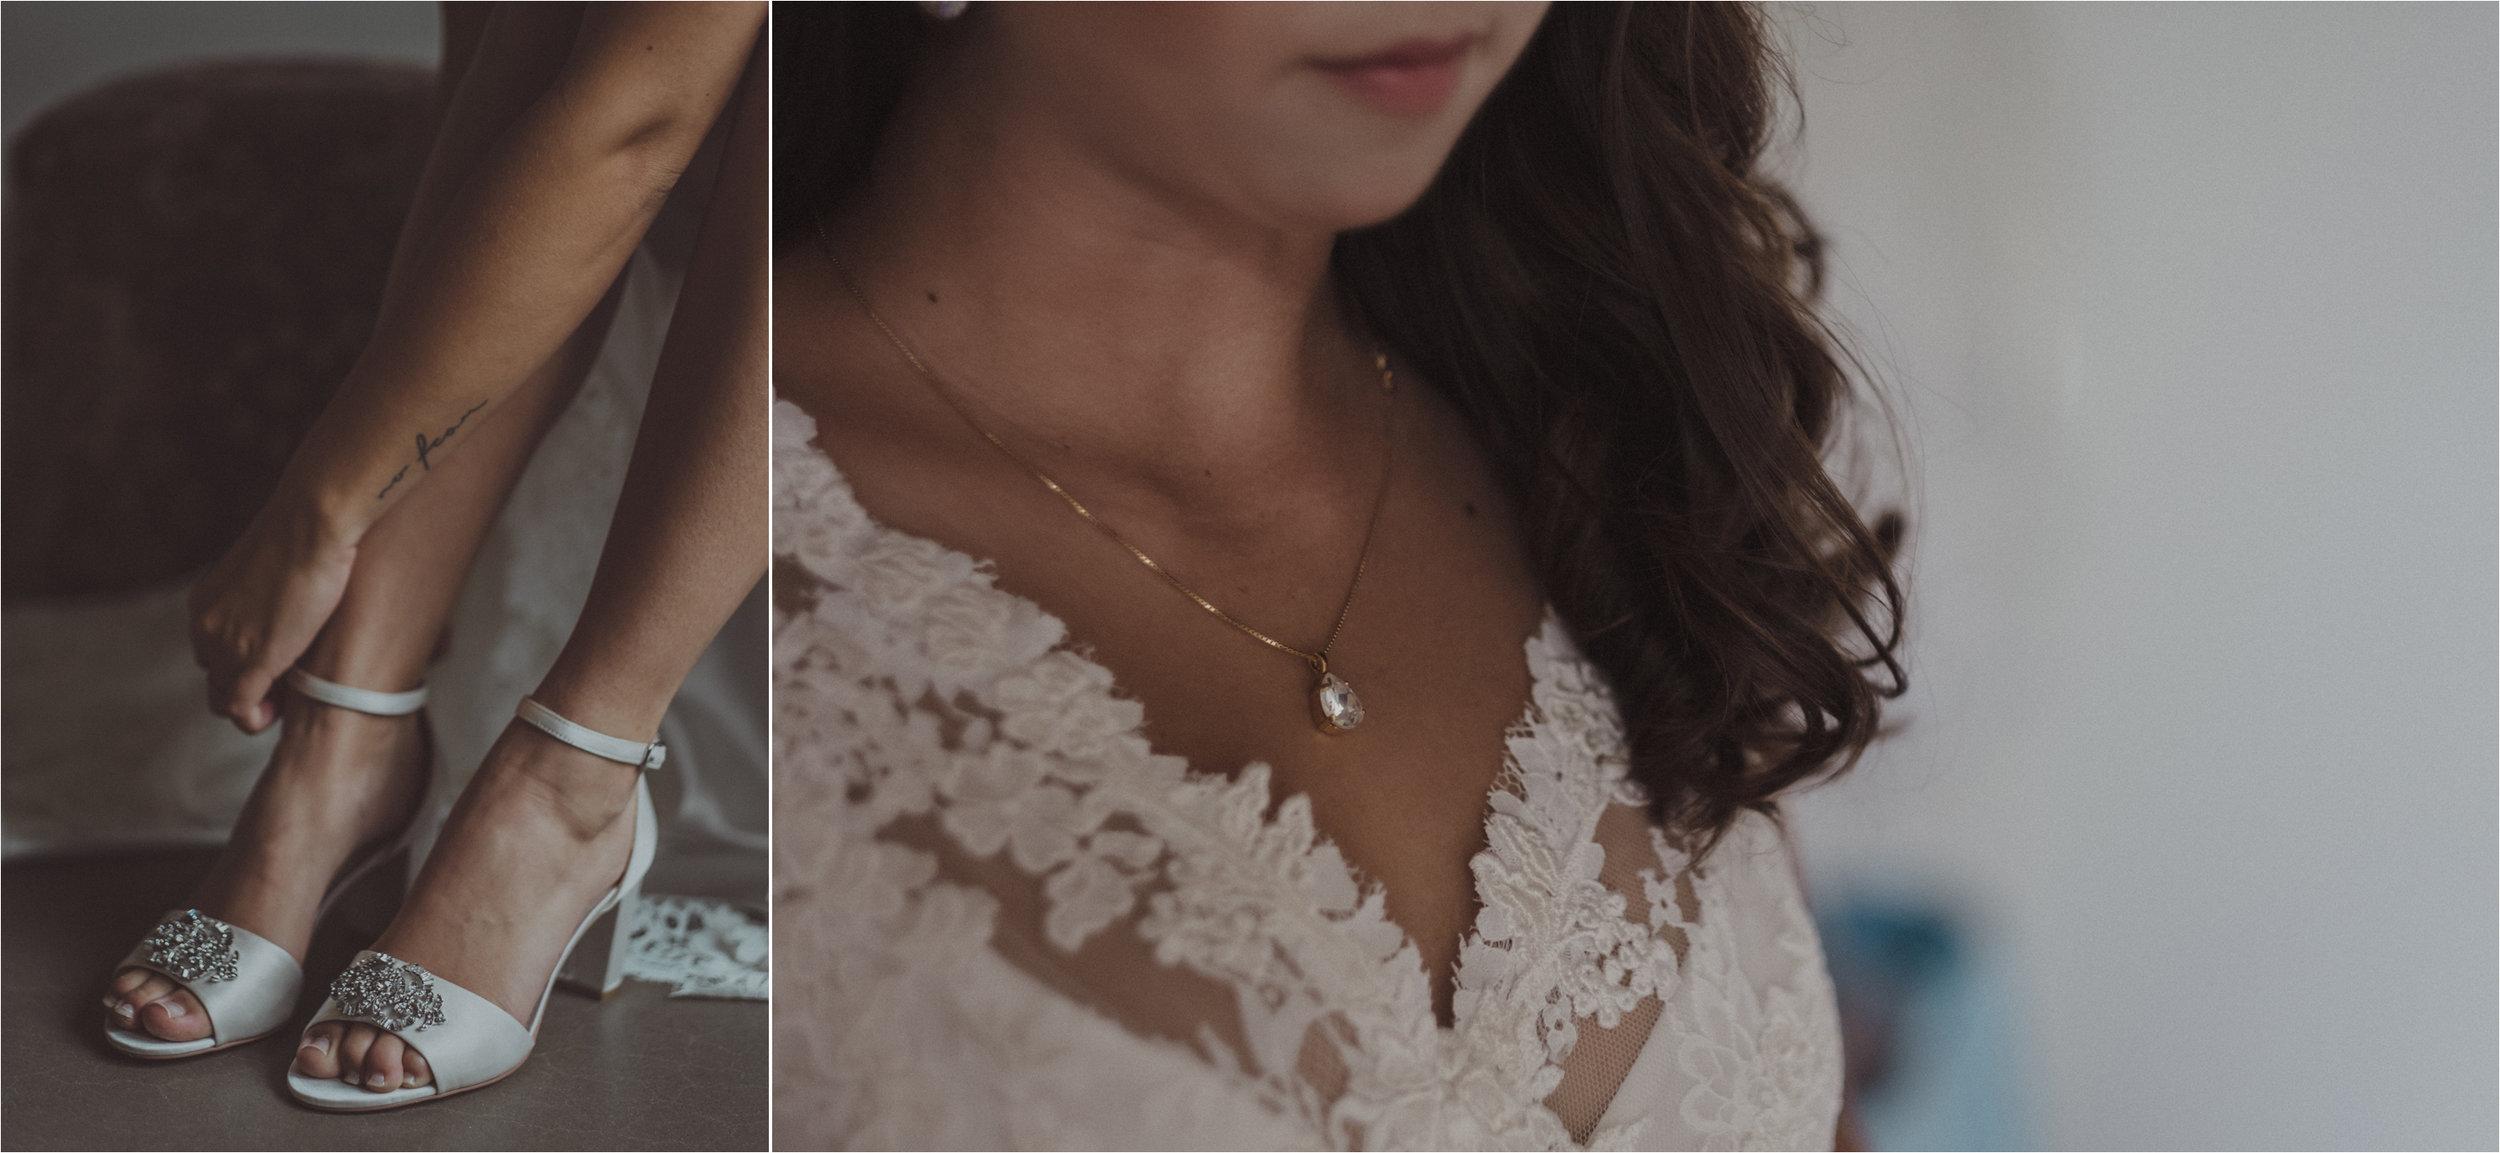 bröllopsfoto_borås_fotograf_max_norin-10 kopiera.jpg